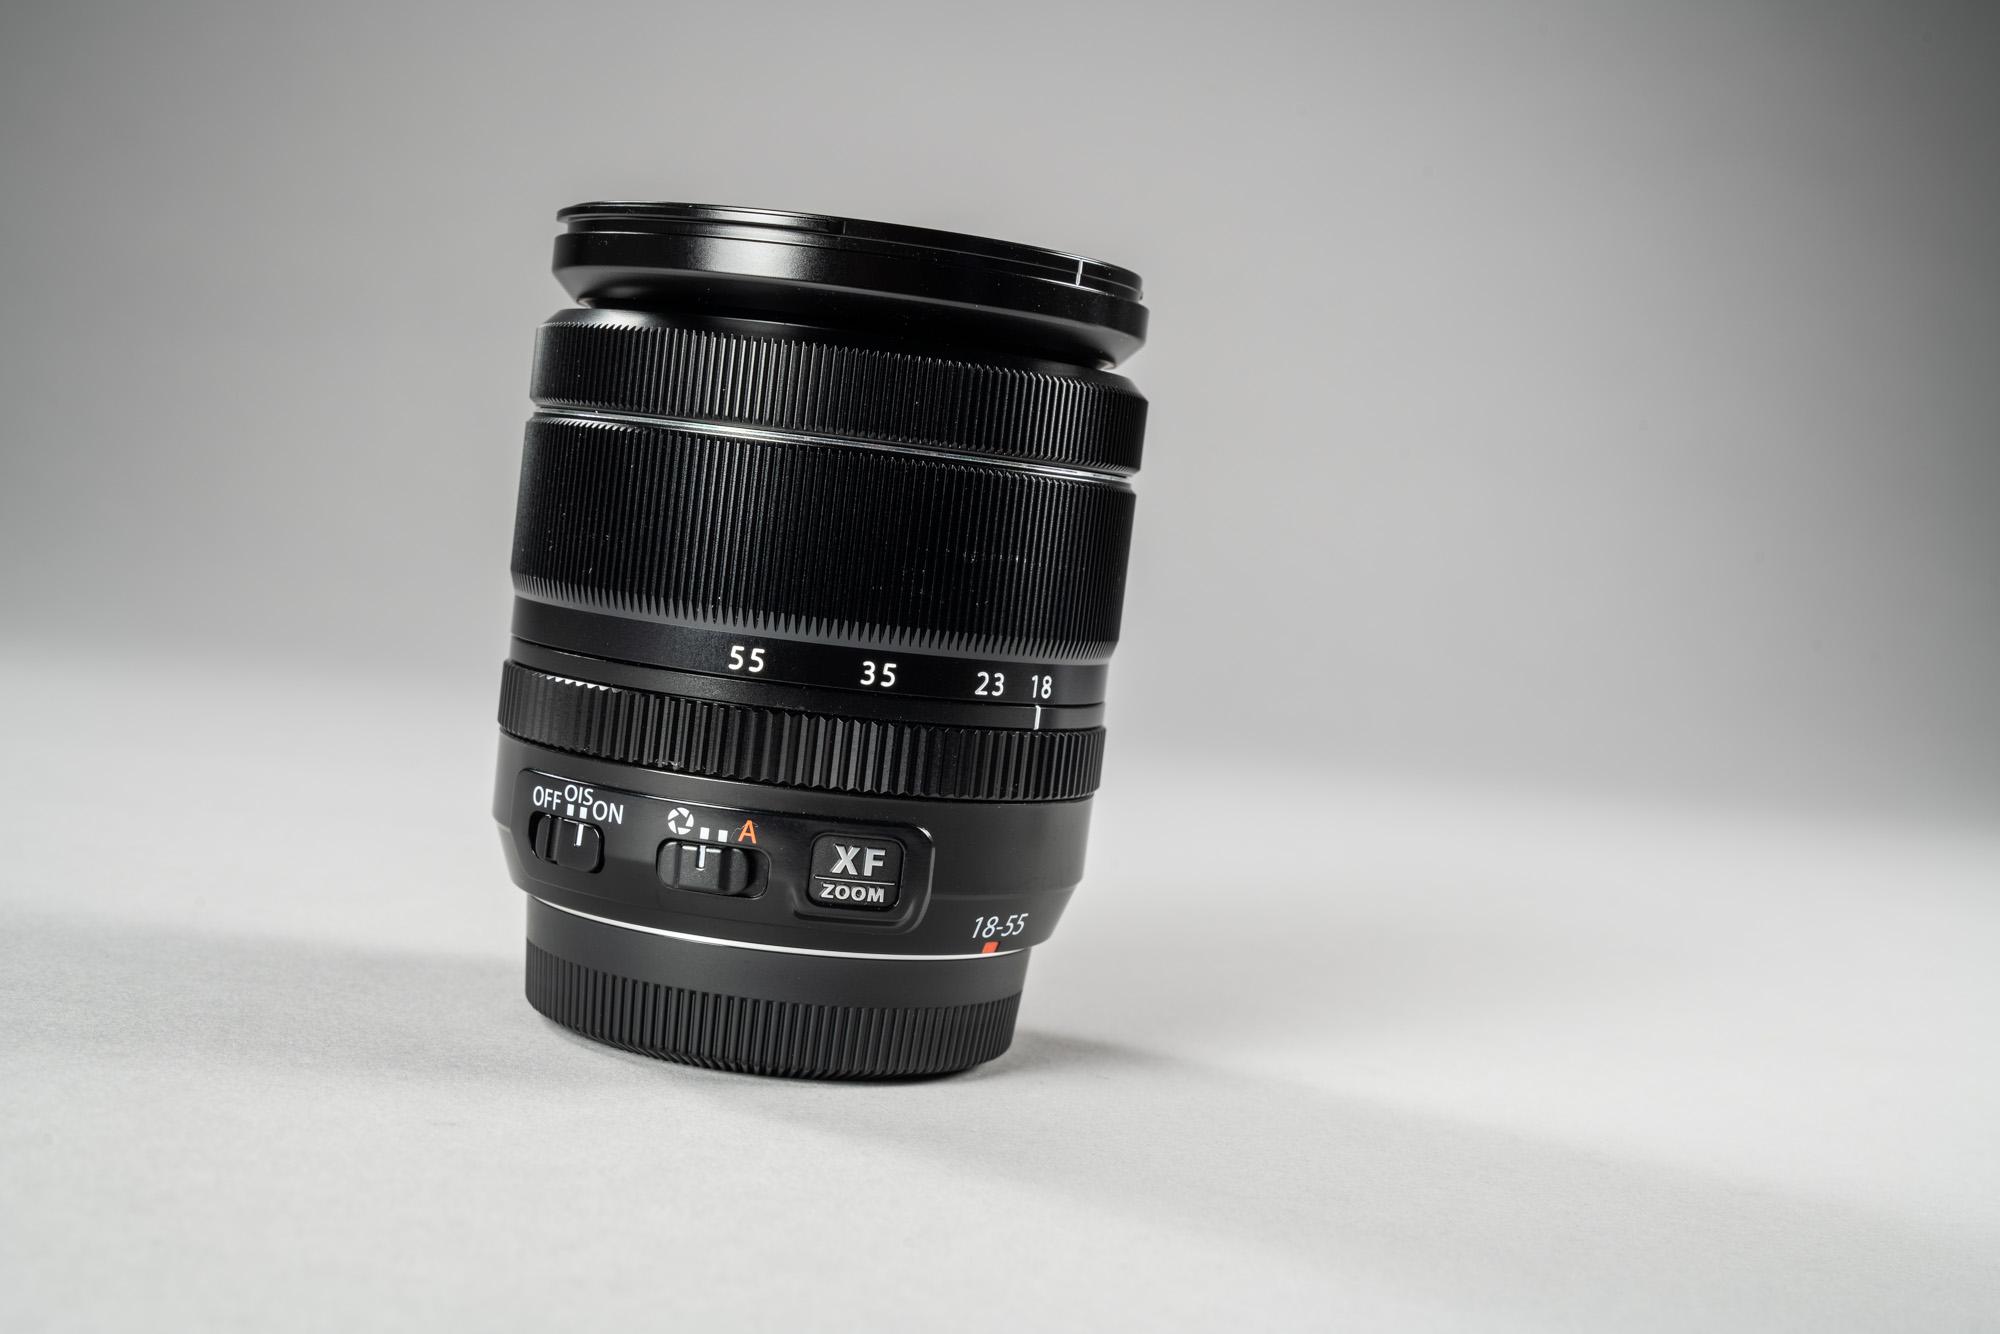 7f69fd21f43 Siin karbist välja võetavas komplektis on kaamerakerele seltsiks 18-55mm  f/2.8-4 standardsuum. Selle avarõngal ei ole fikseeritud avaväärtusi.